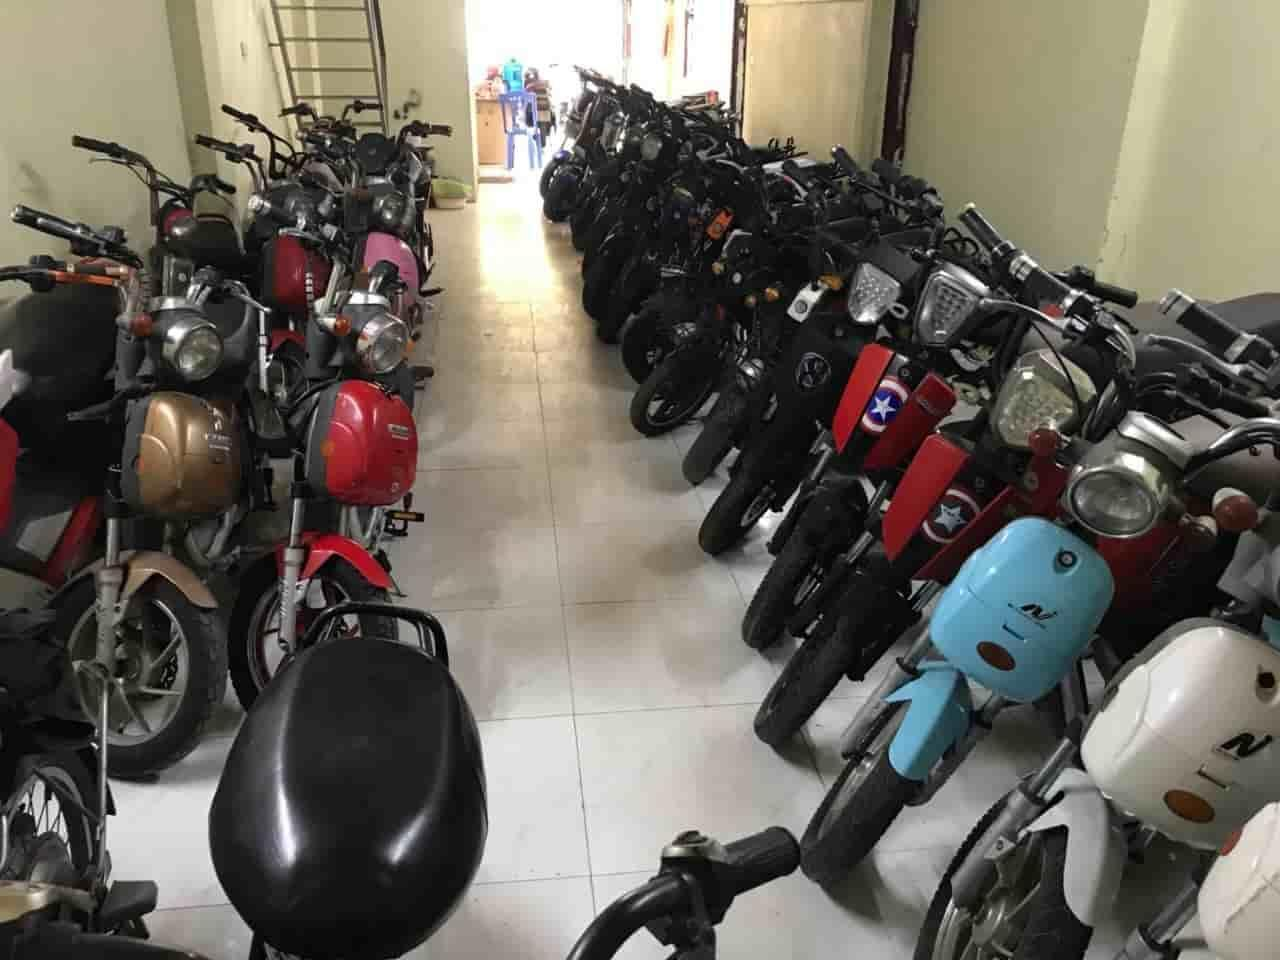 xe đạp điện cũ tại Cống Vị - Ba Đình - Hà Nội